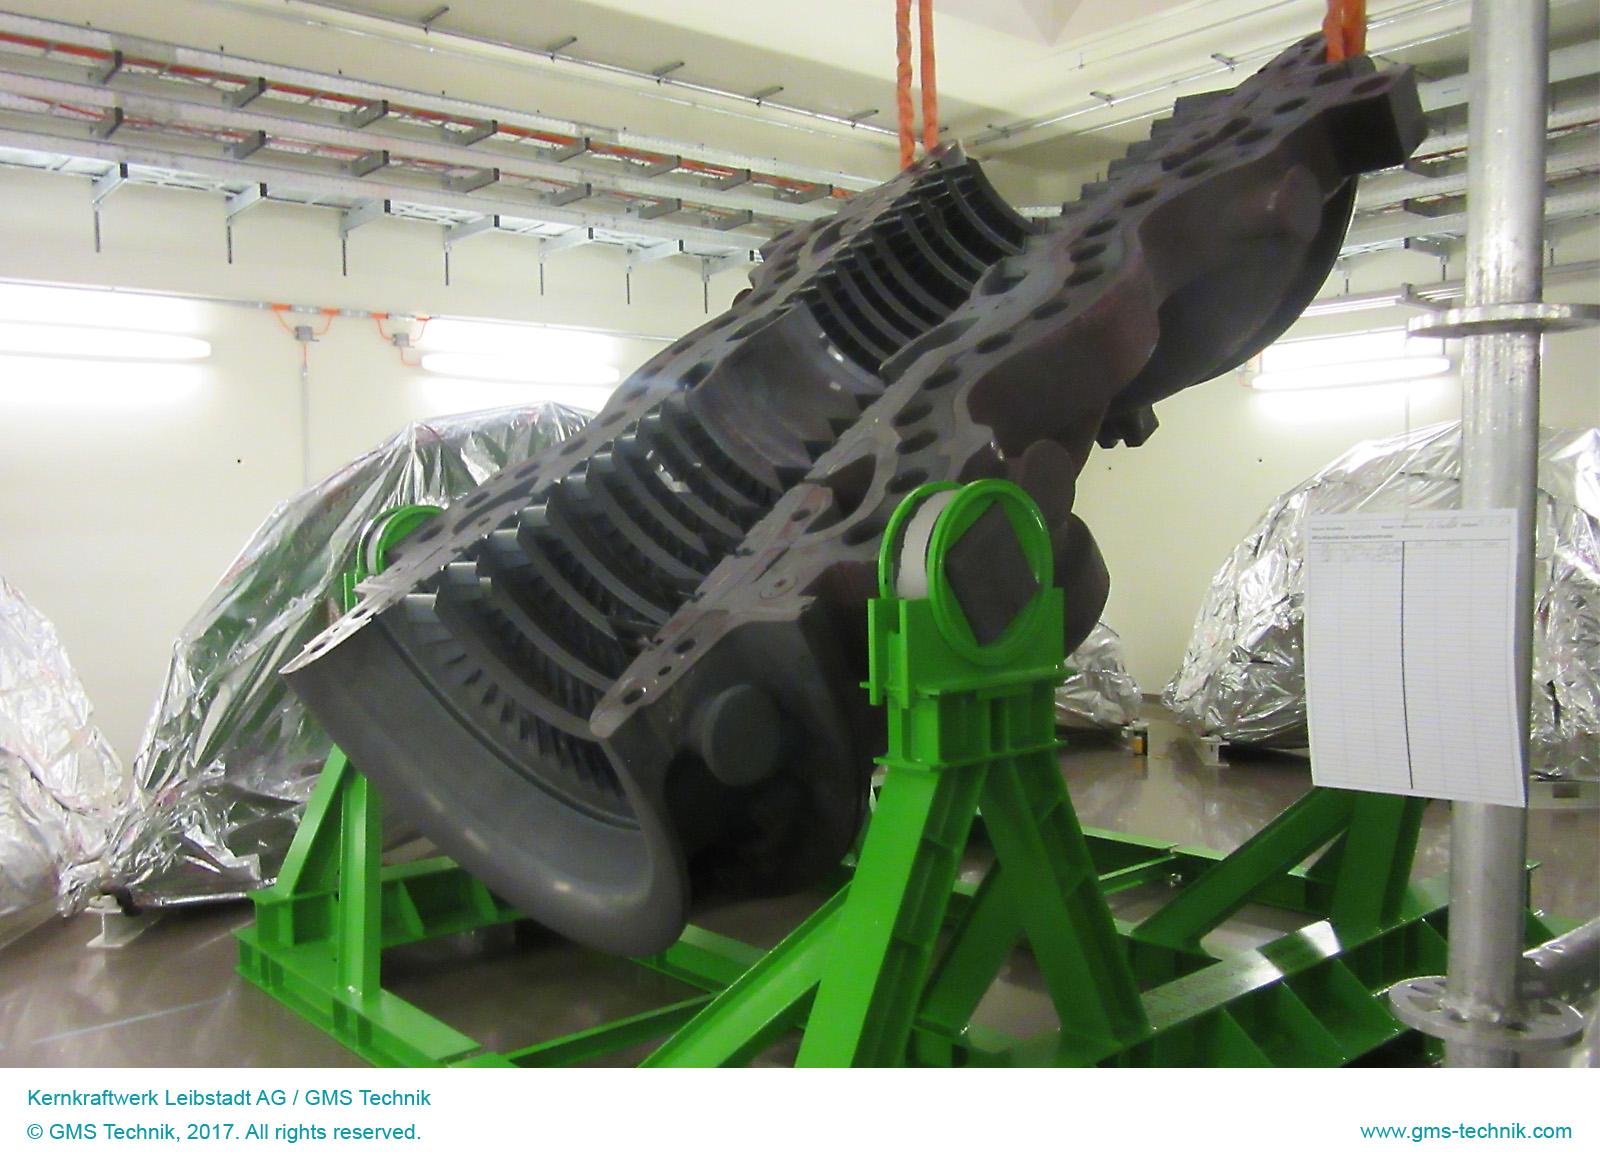 OEM GMS, Kernkraftwerk Leibstadt AG